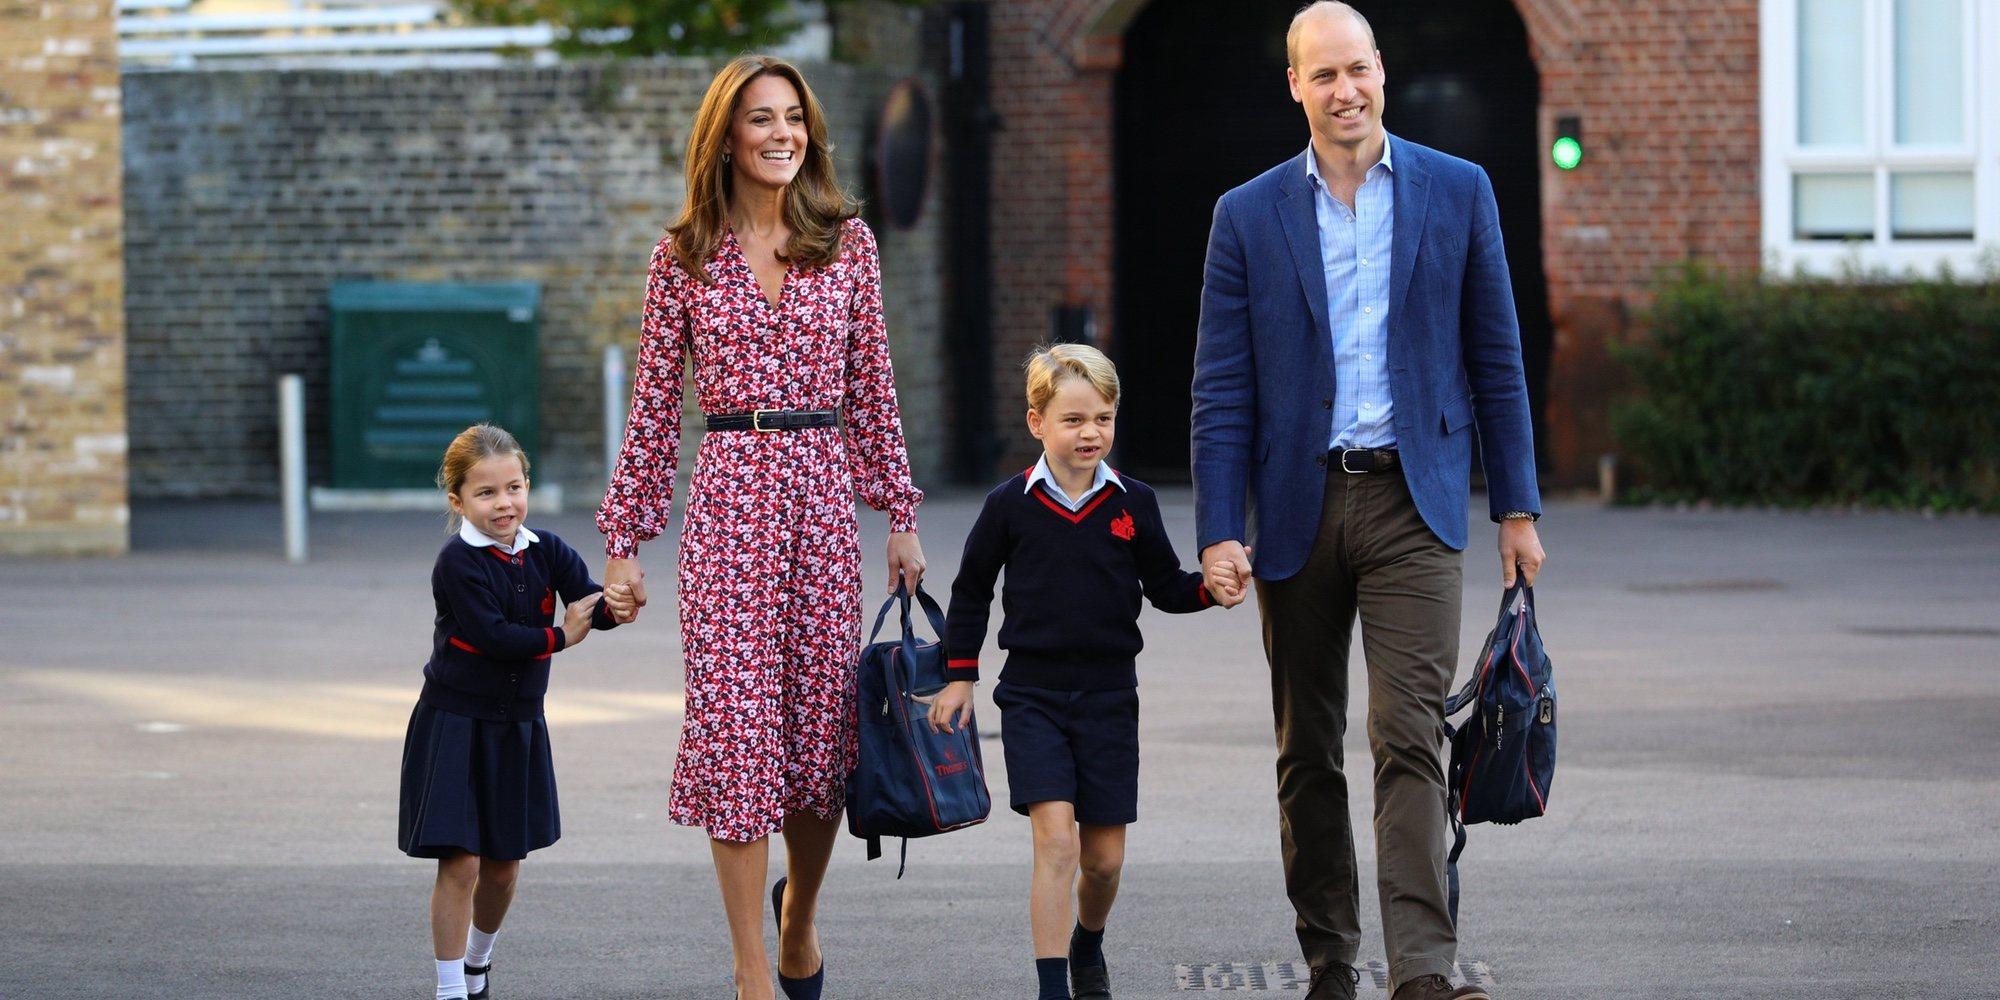 El Príncipe Guillermo revela cómo educa a sus hijos en la igualdad de género